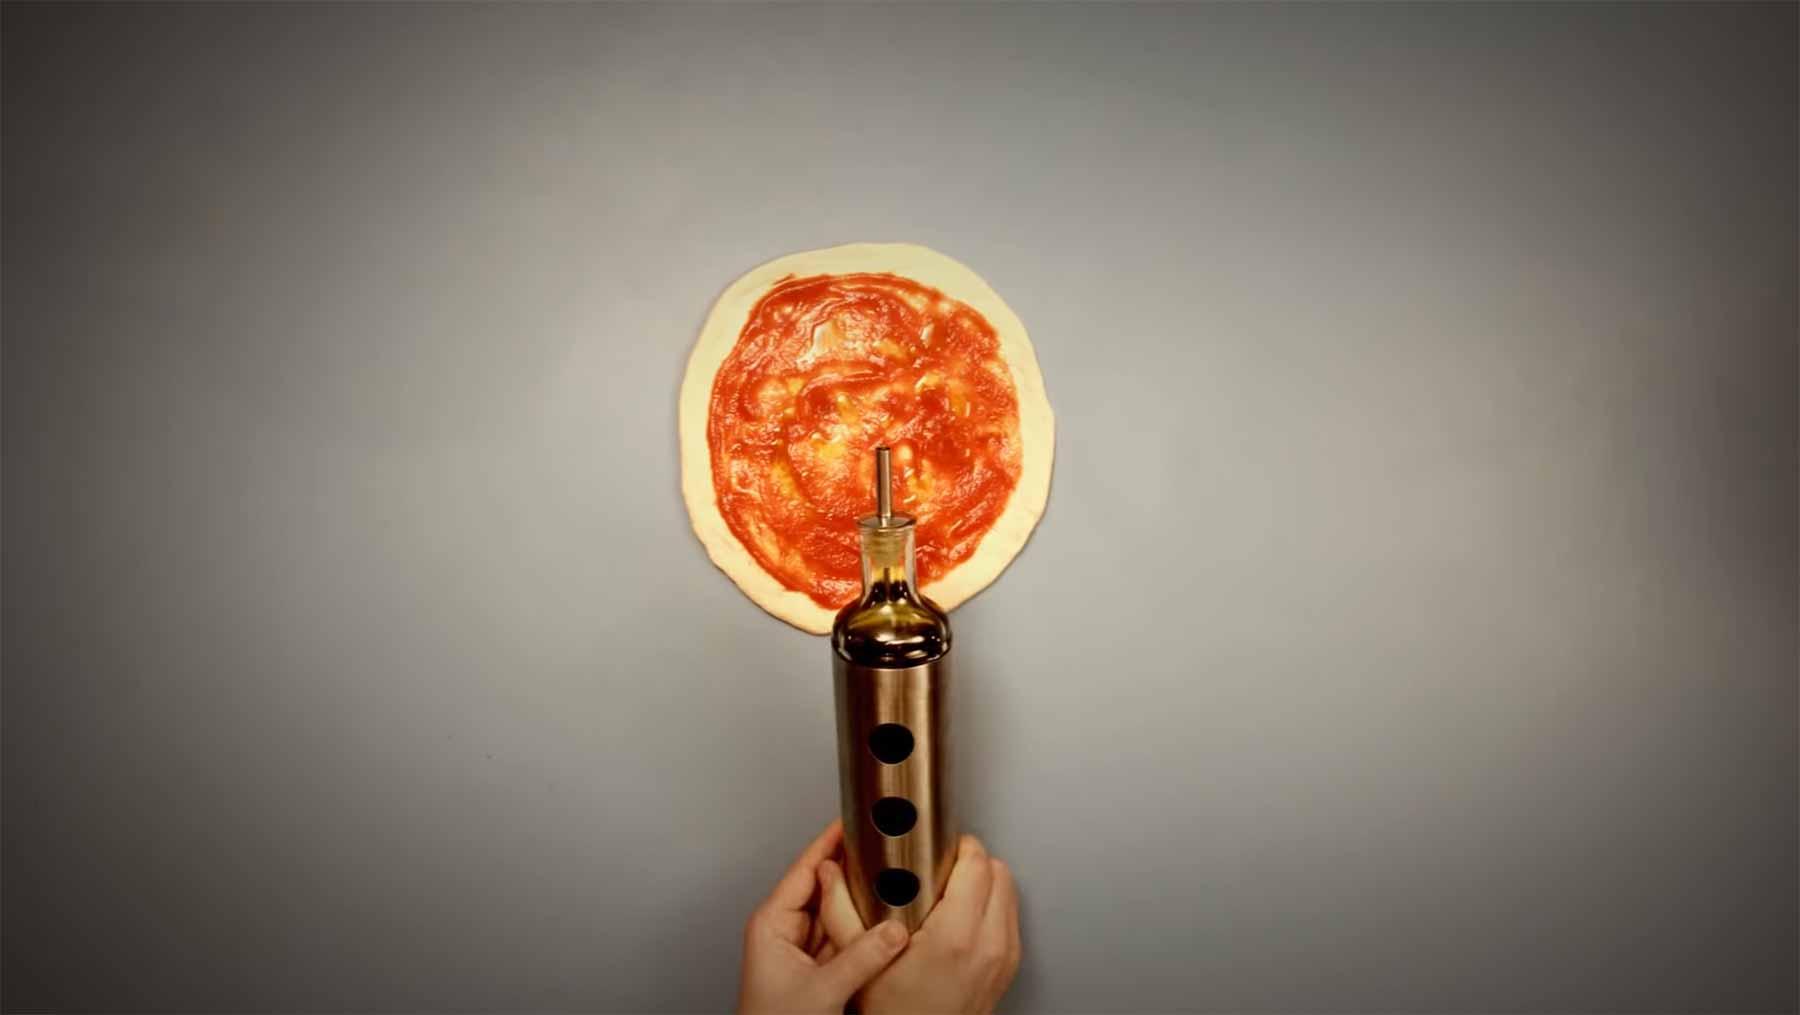 Kommt, wir backen uns eine Stopmotion-Pizza